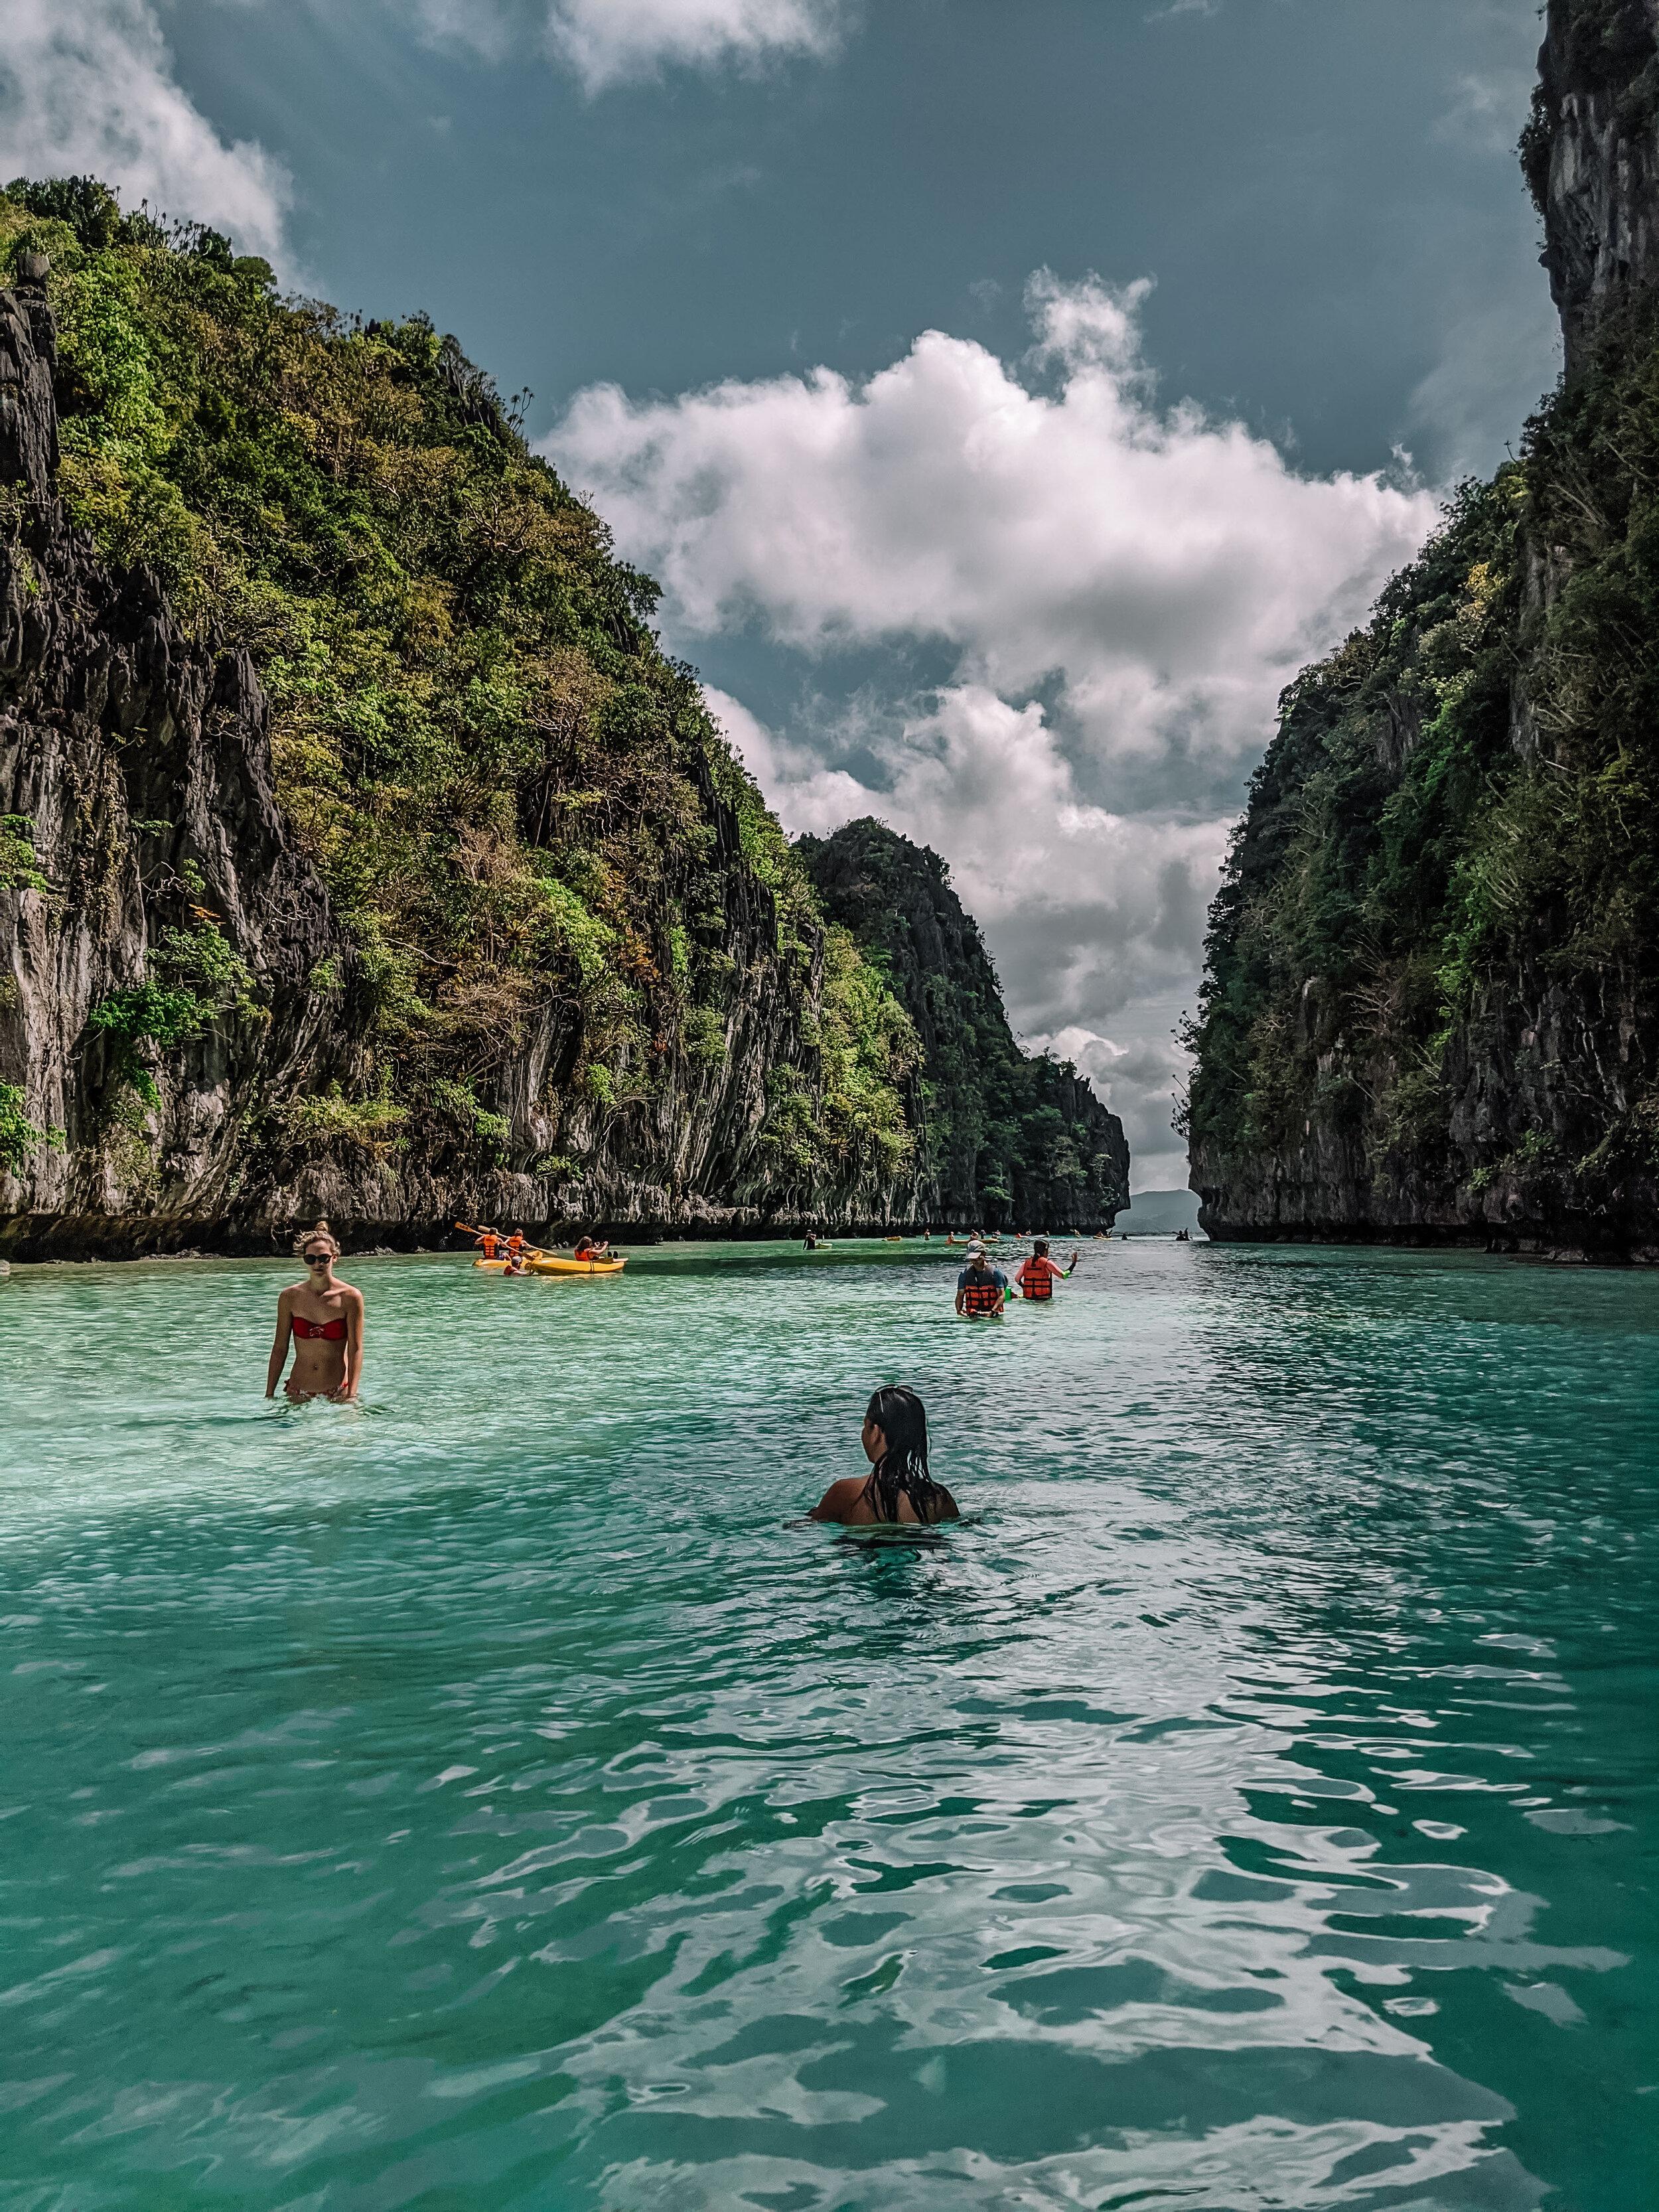 Rachel Off Duty: People Kayaking in El Nido Lagoons, Philippines